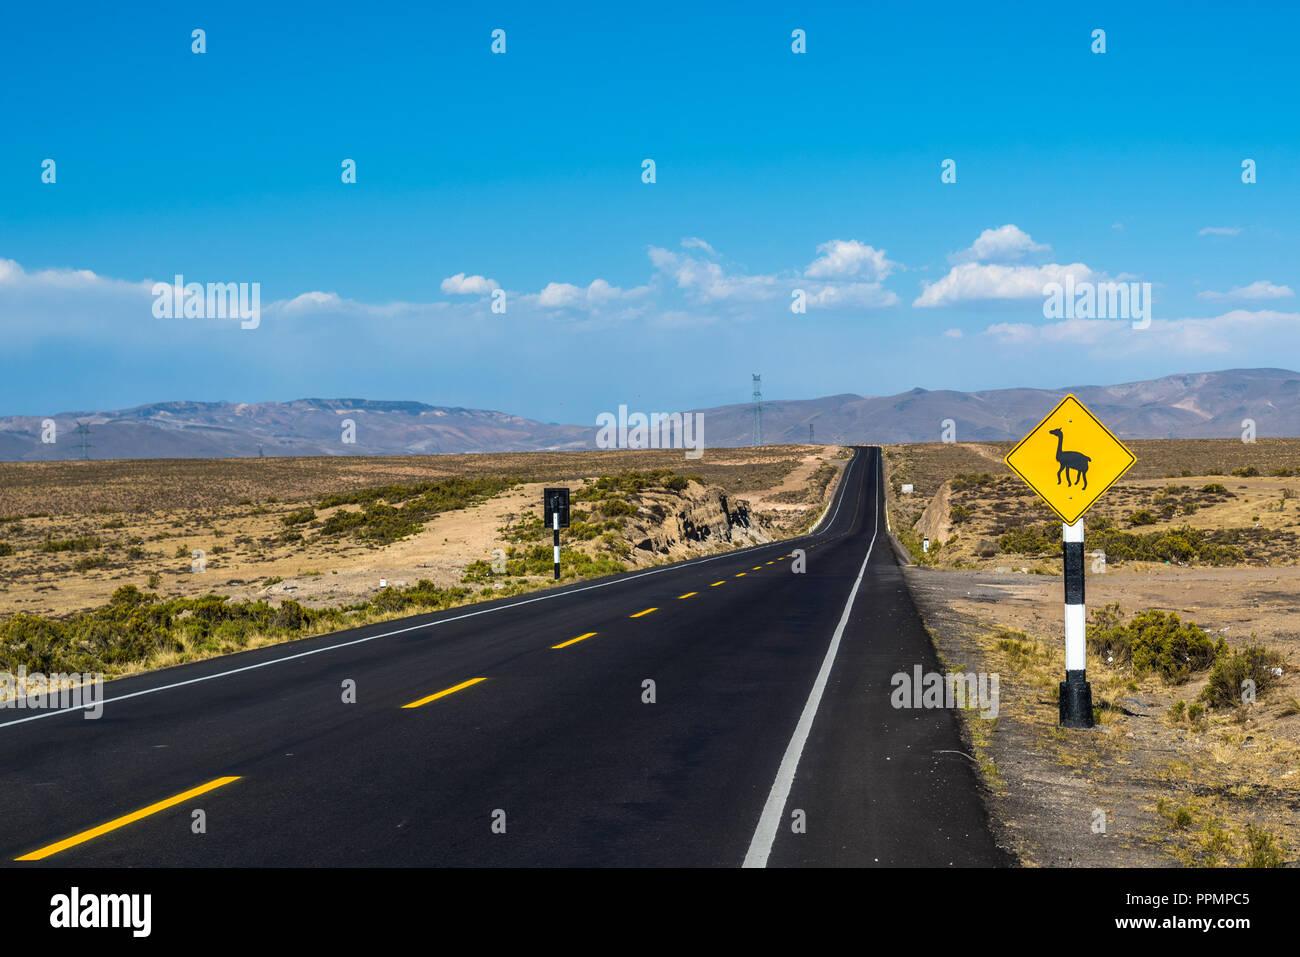 Llama crossing road sign en Perú, Sudamérica Imagen De Stock